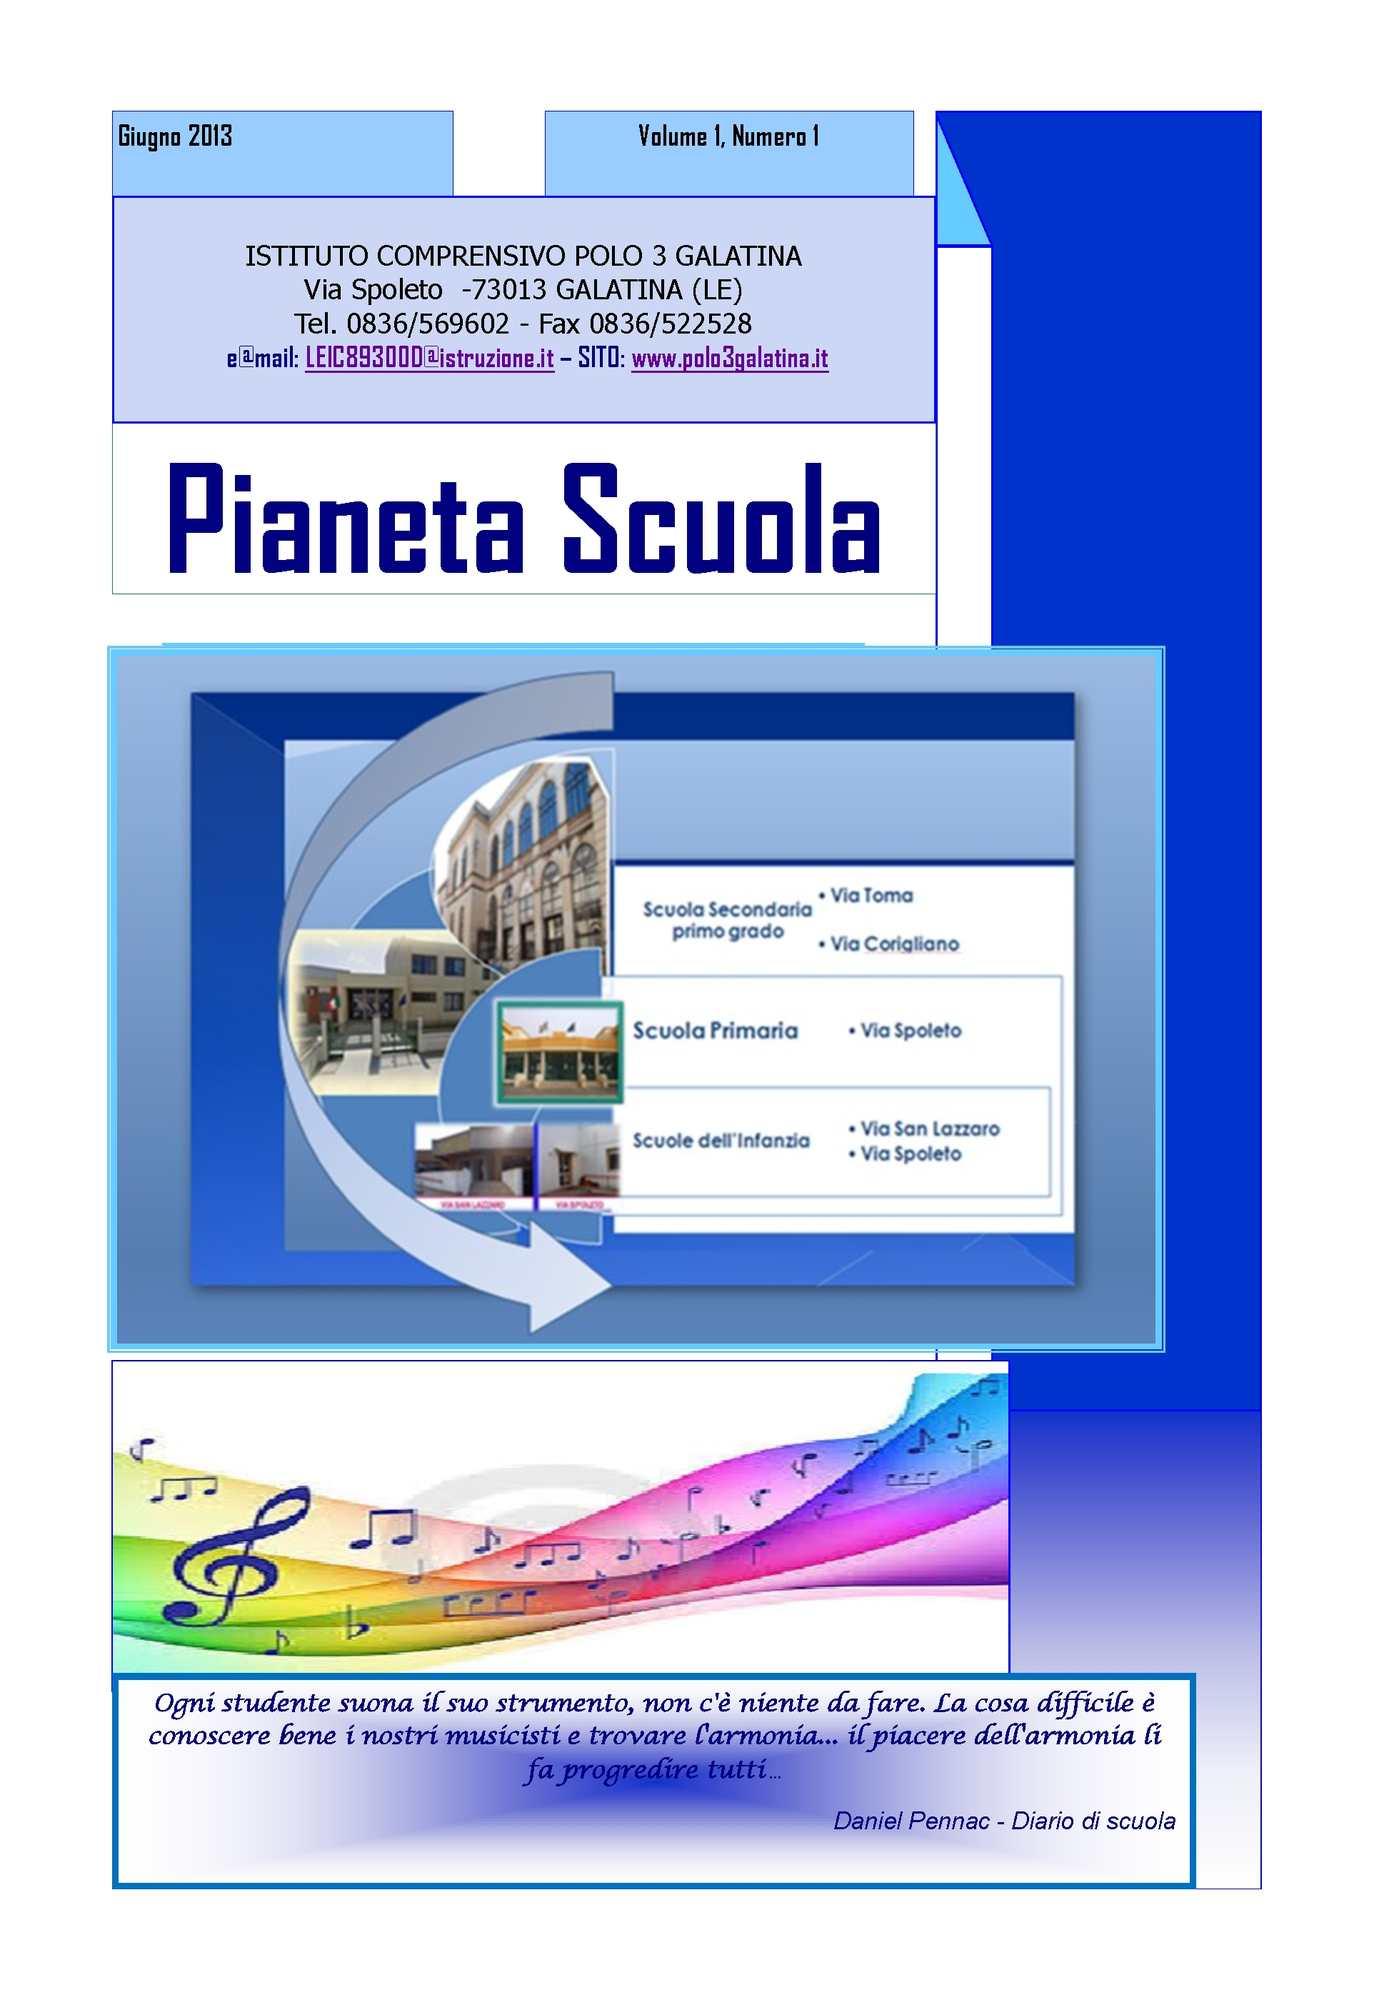 Poesia A Natale Di H Ogura.Calameo Giornalino Scolastico Istituto Comprensivo Polo 3 Galatina Anno Scolastico 2012 13